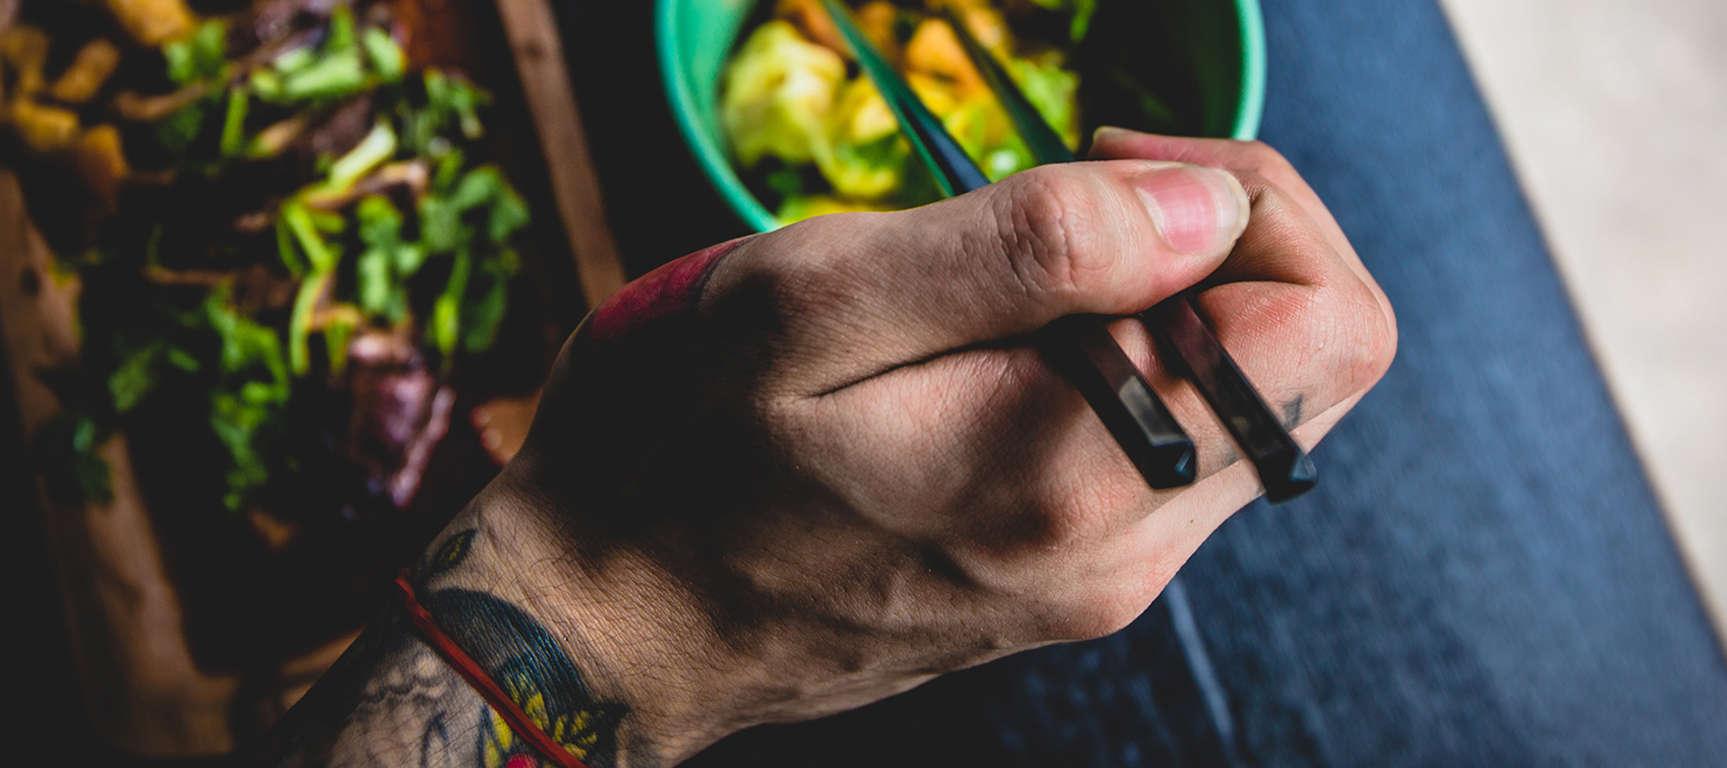 Eat Healthy Cafe Kauai - Vegan Cuisine